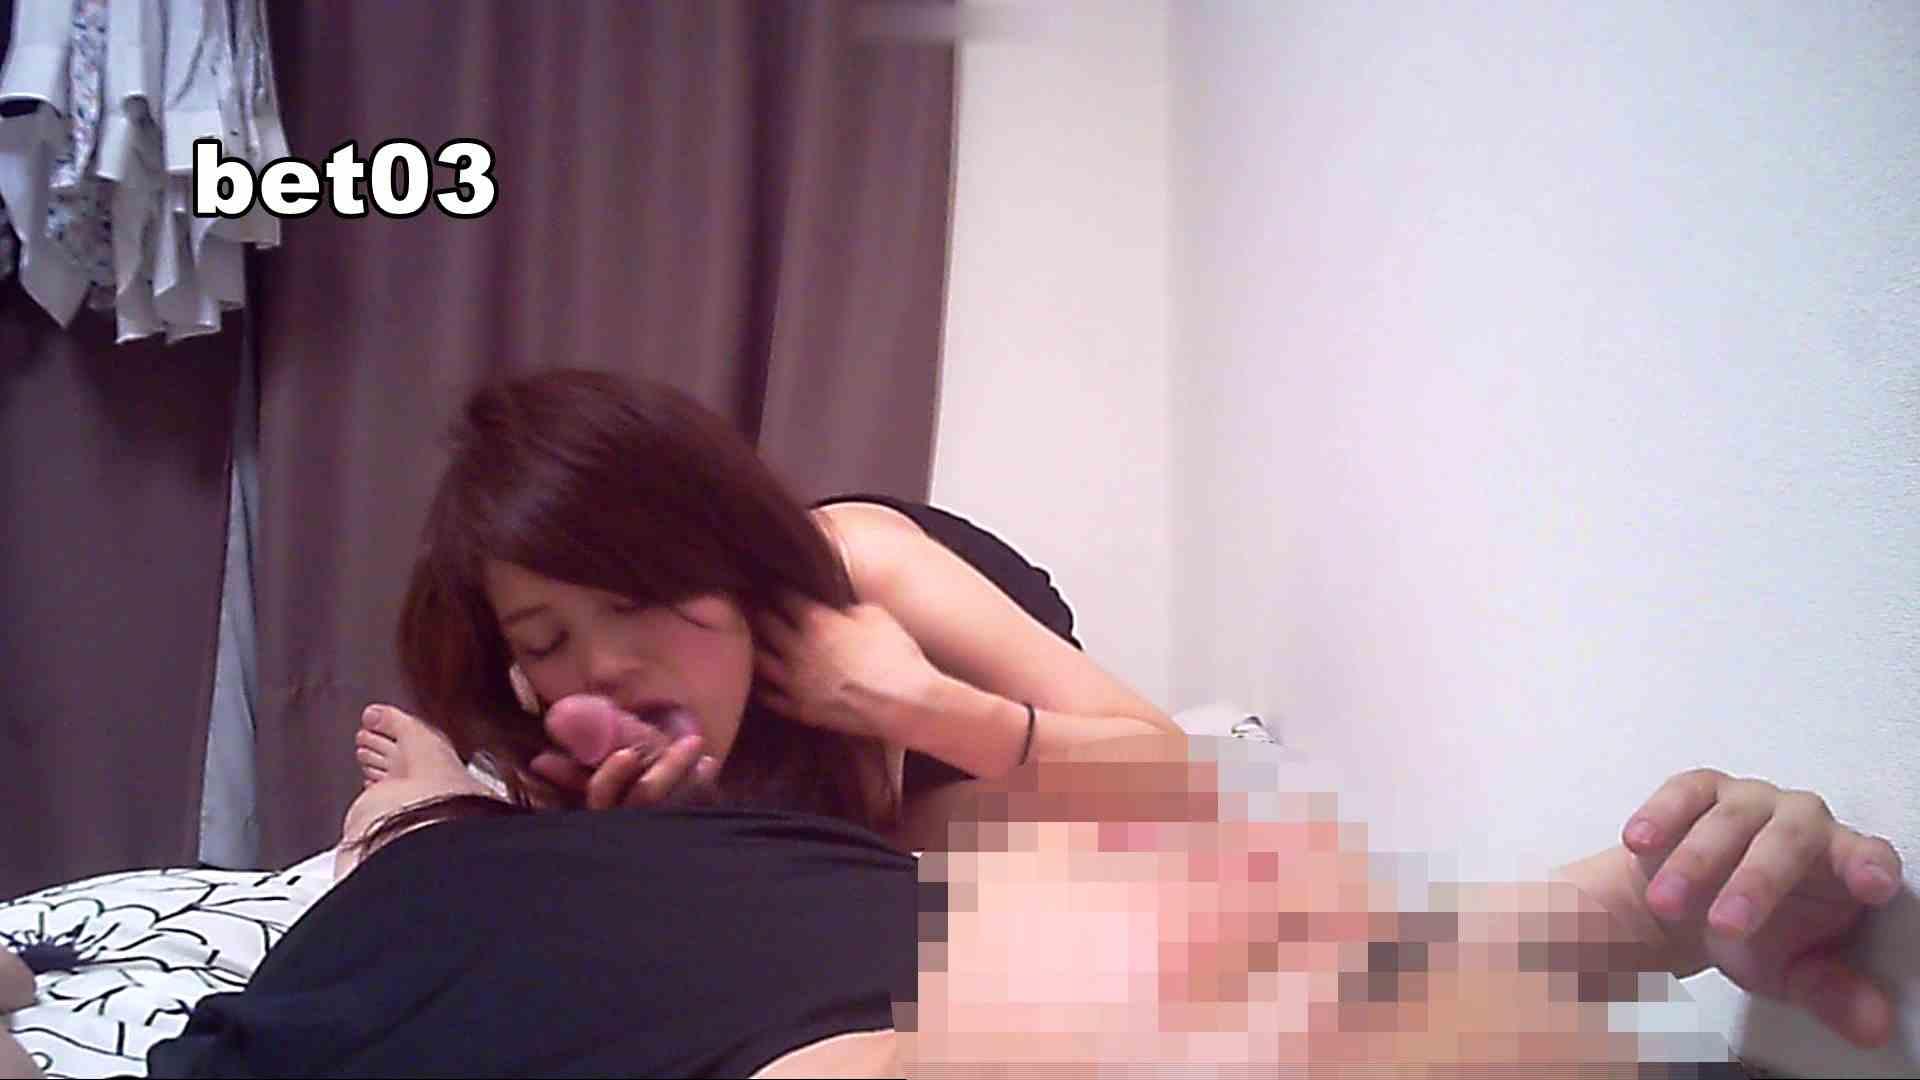 ミキ・大手旅行代理店勤務(24歳・仮名) vol.03 フヤケルまでしゃぶる女 0  111pic 48